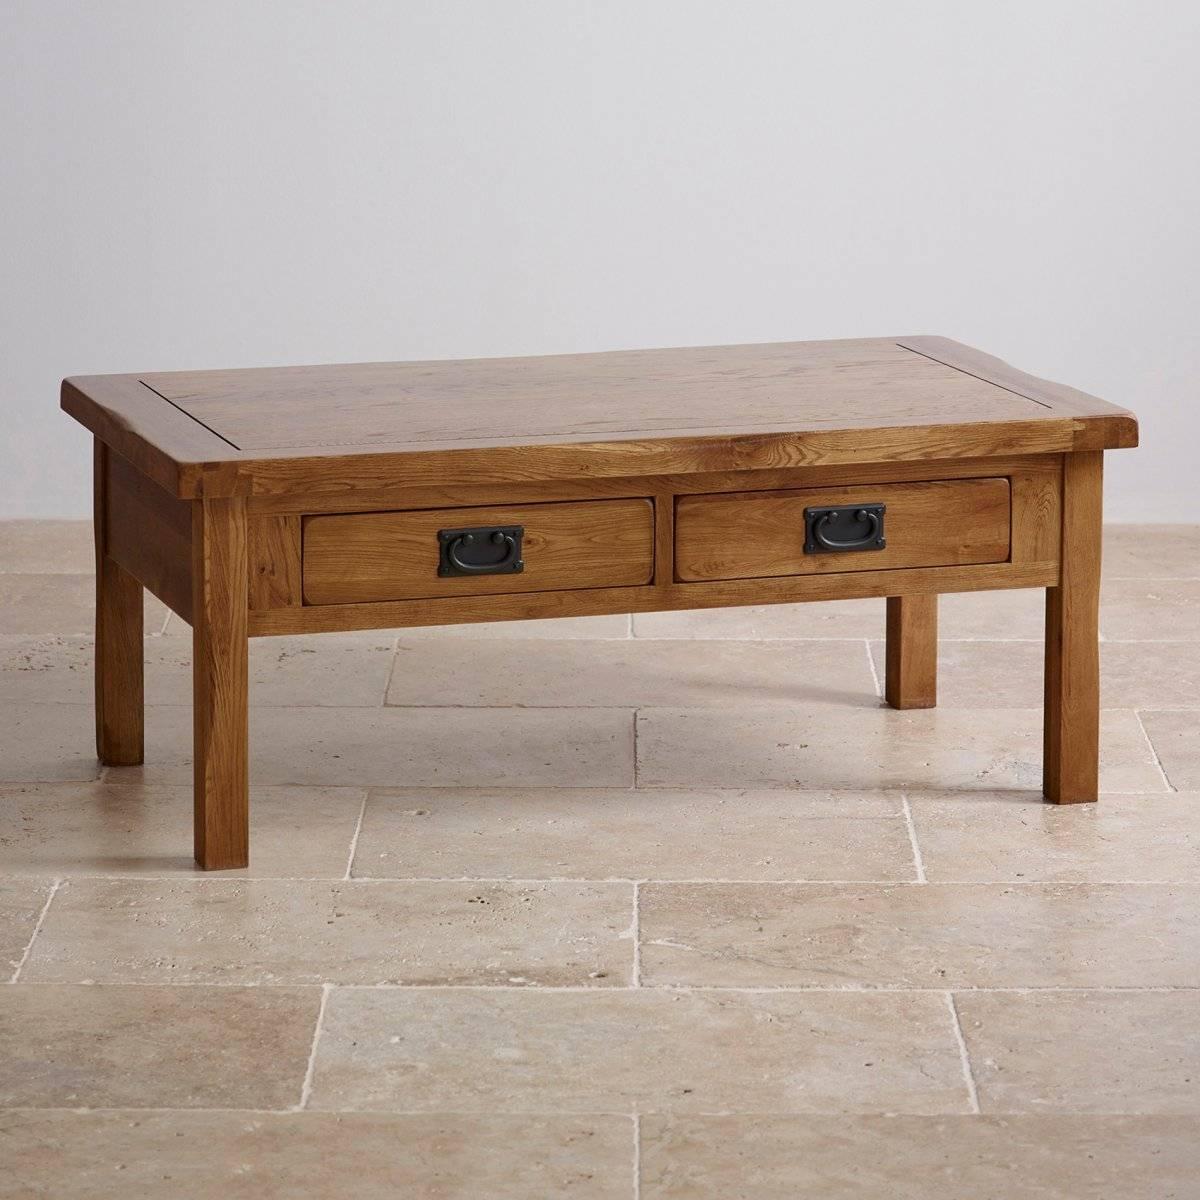 Original Rustic 4 Drawer Coffee Table In Solid Oak Regarding Oak Wood Coffee Tables (View 2 of 15)